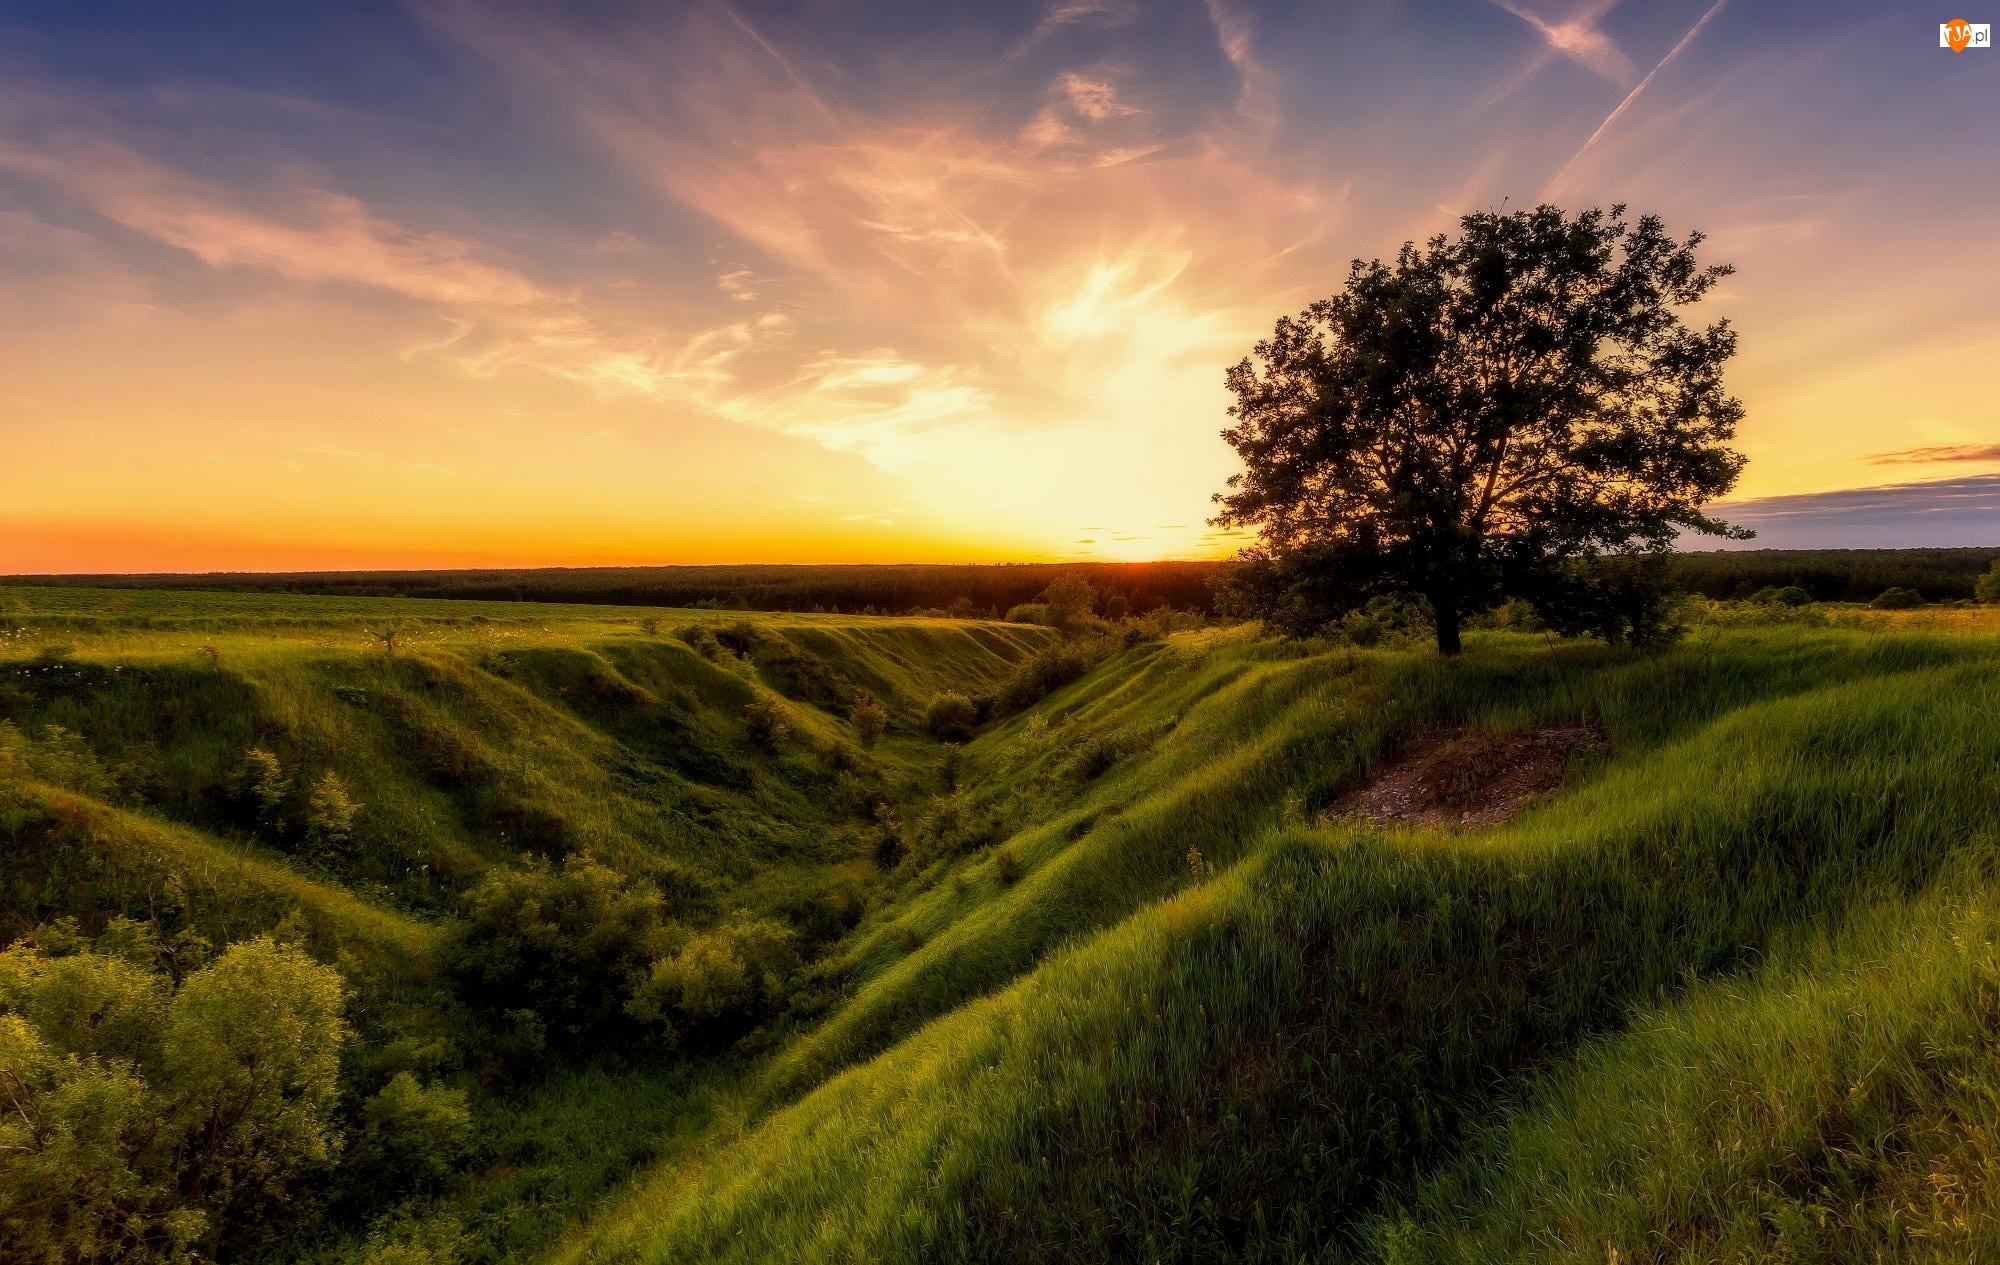 Zachód słońca, Pola, Drzewo, Rów